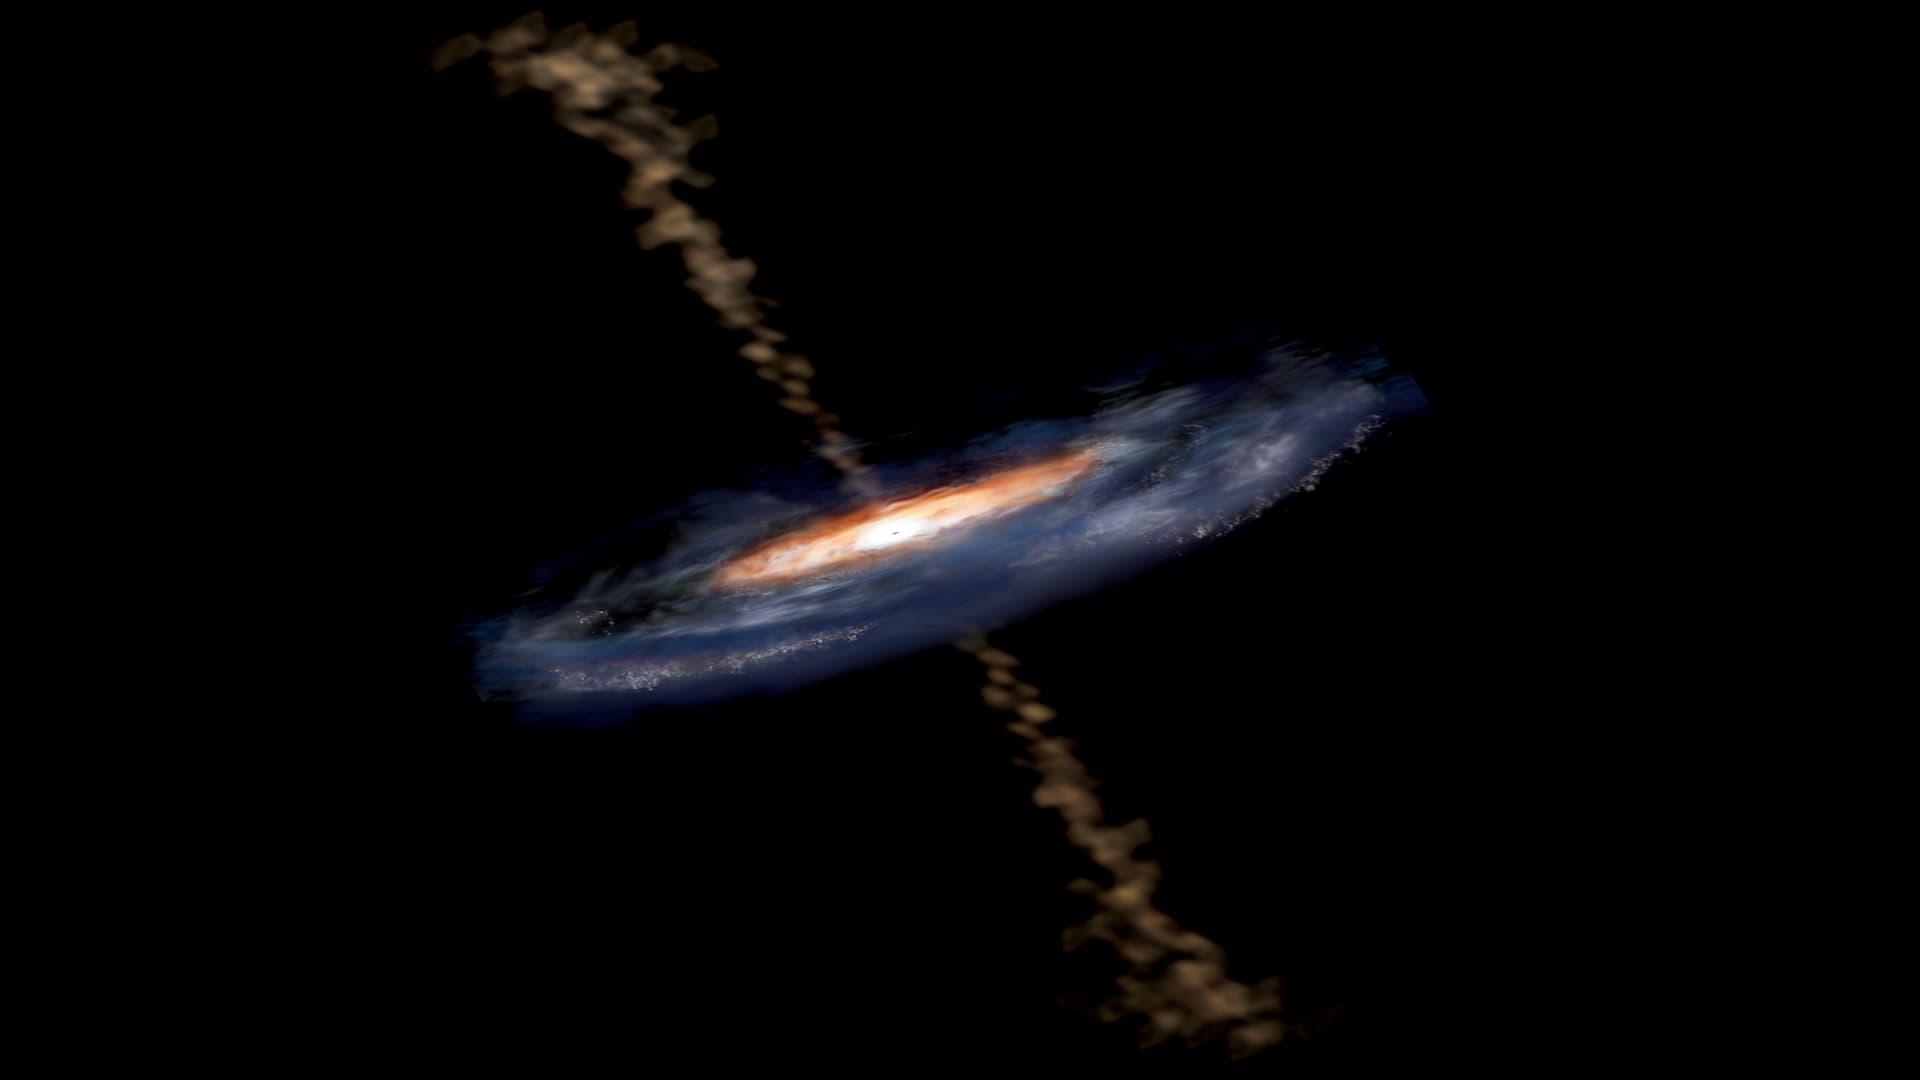 ASI - La collaborazione Fermi-LAT pubblica il primo catalogo di sorgenti transienti extragalattiche